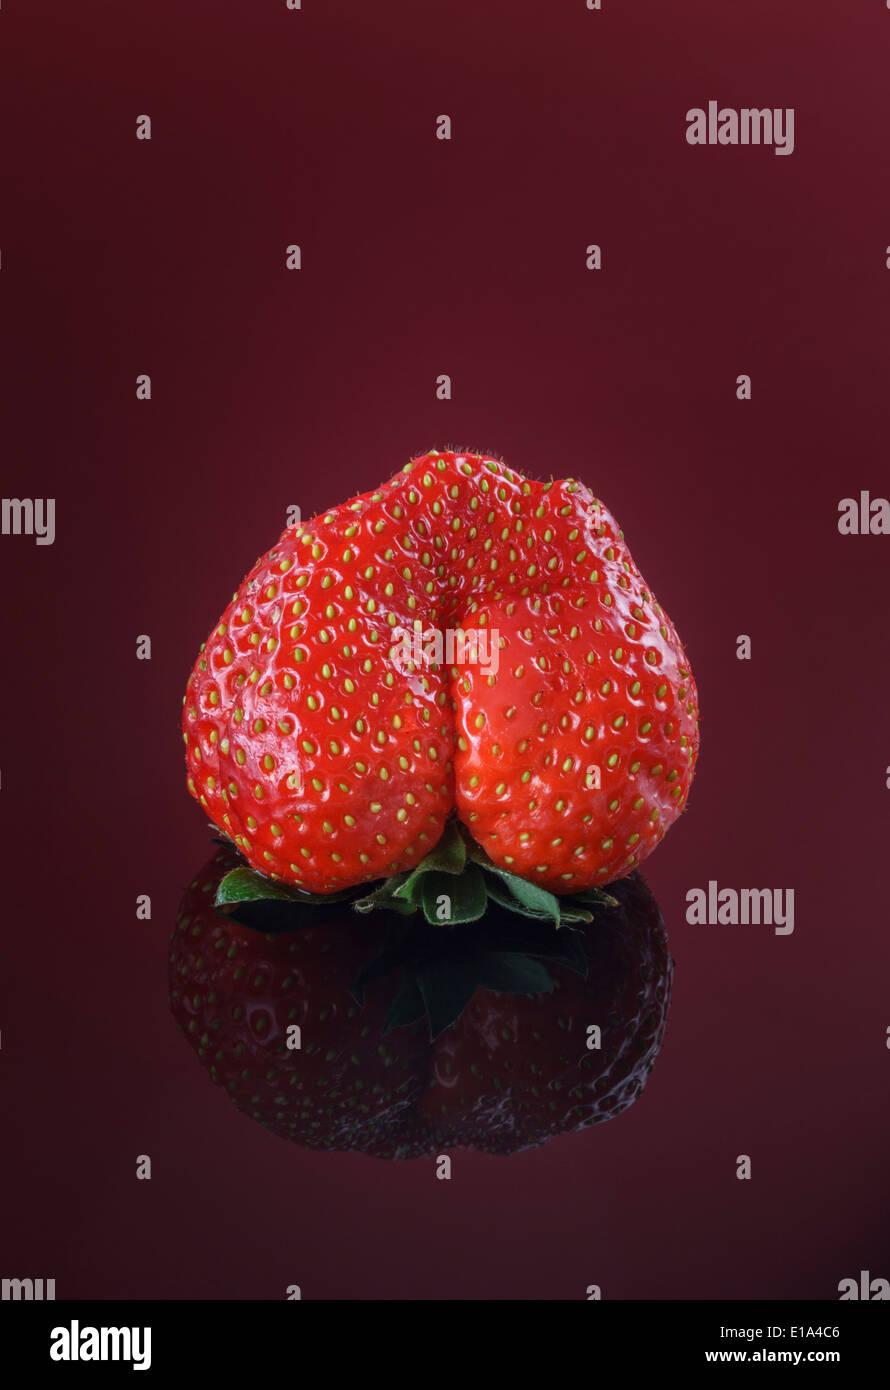 Seul des fraises fraîches sur fond rouge Photo Stock